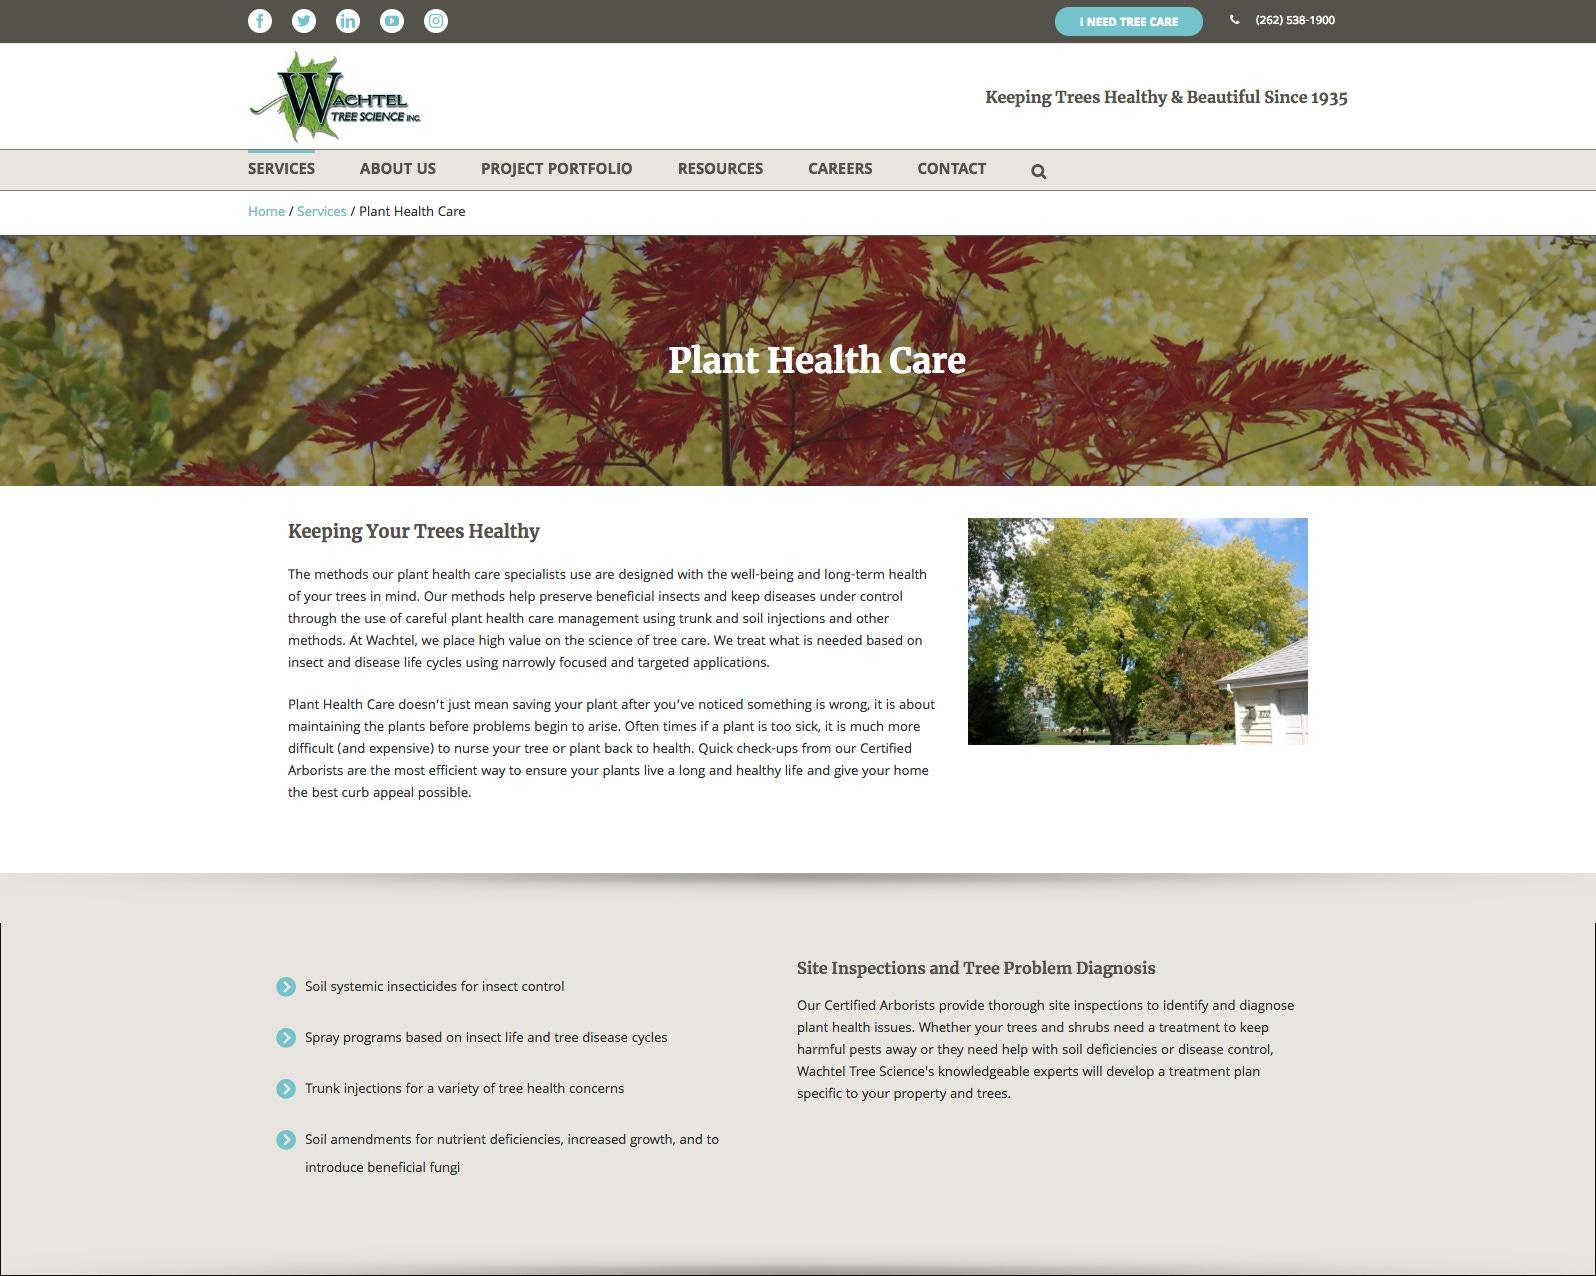 Wachtel service detail webpage